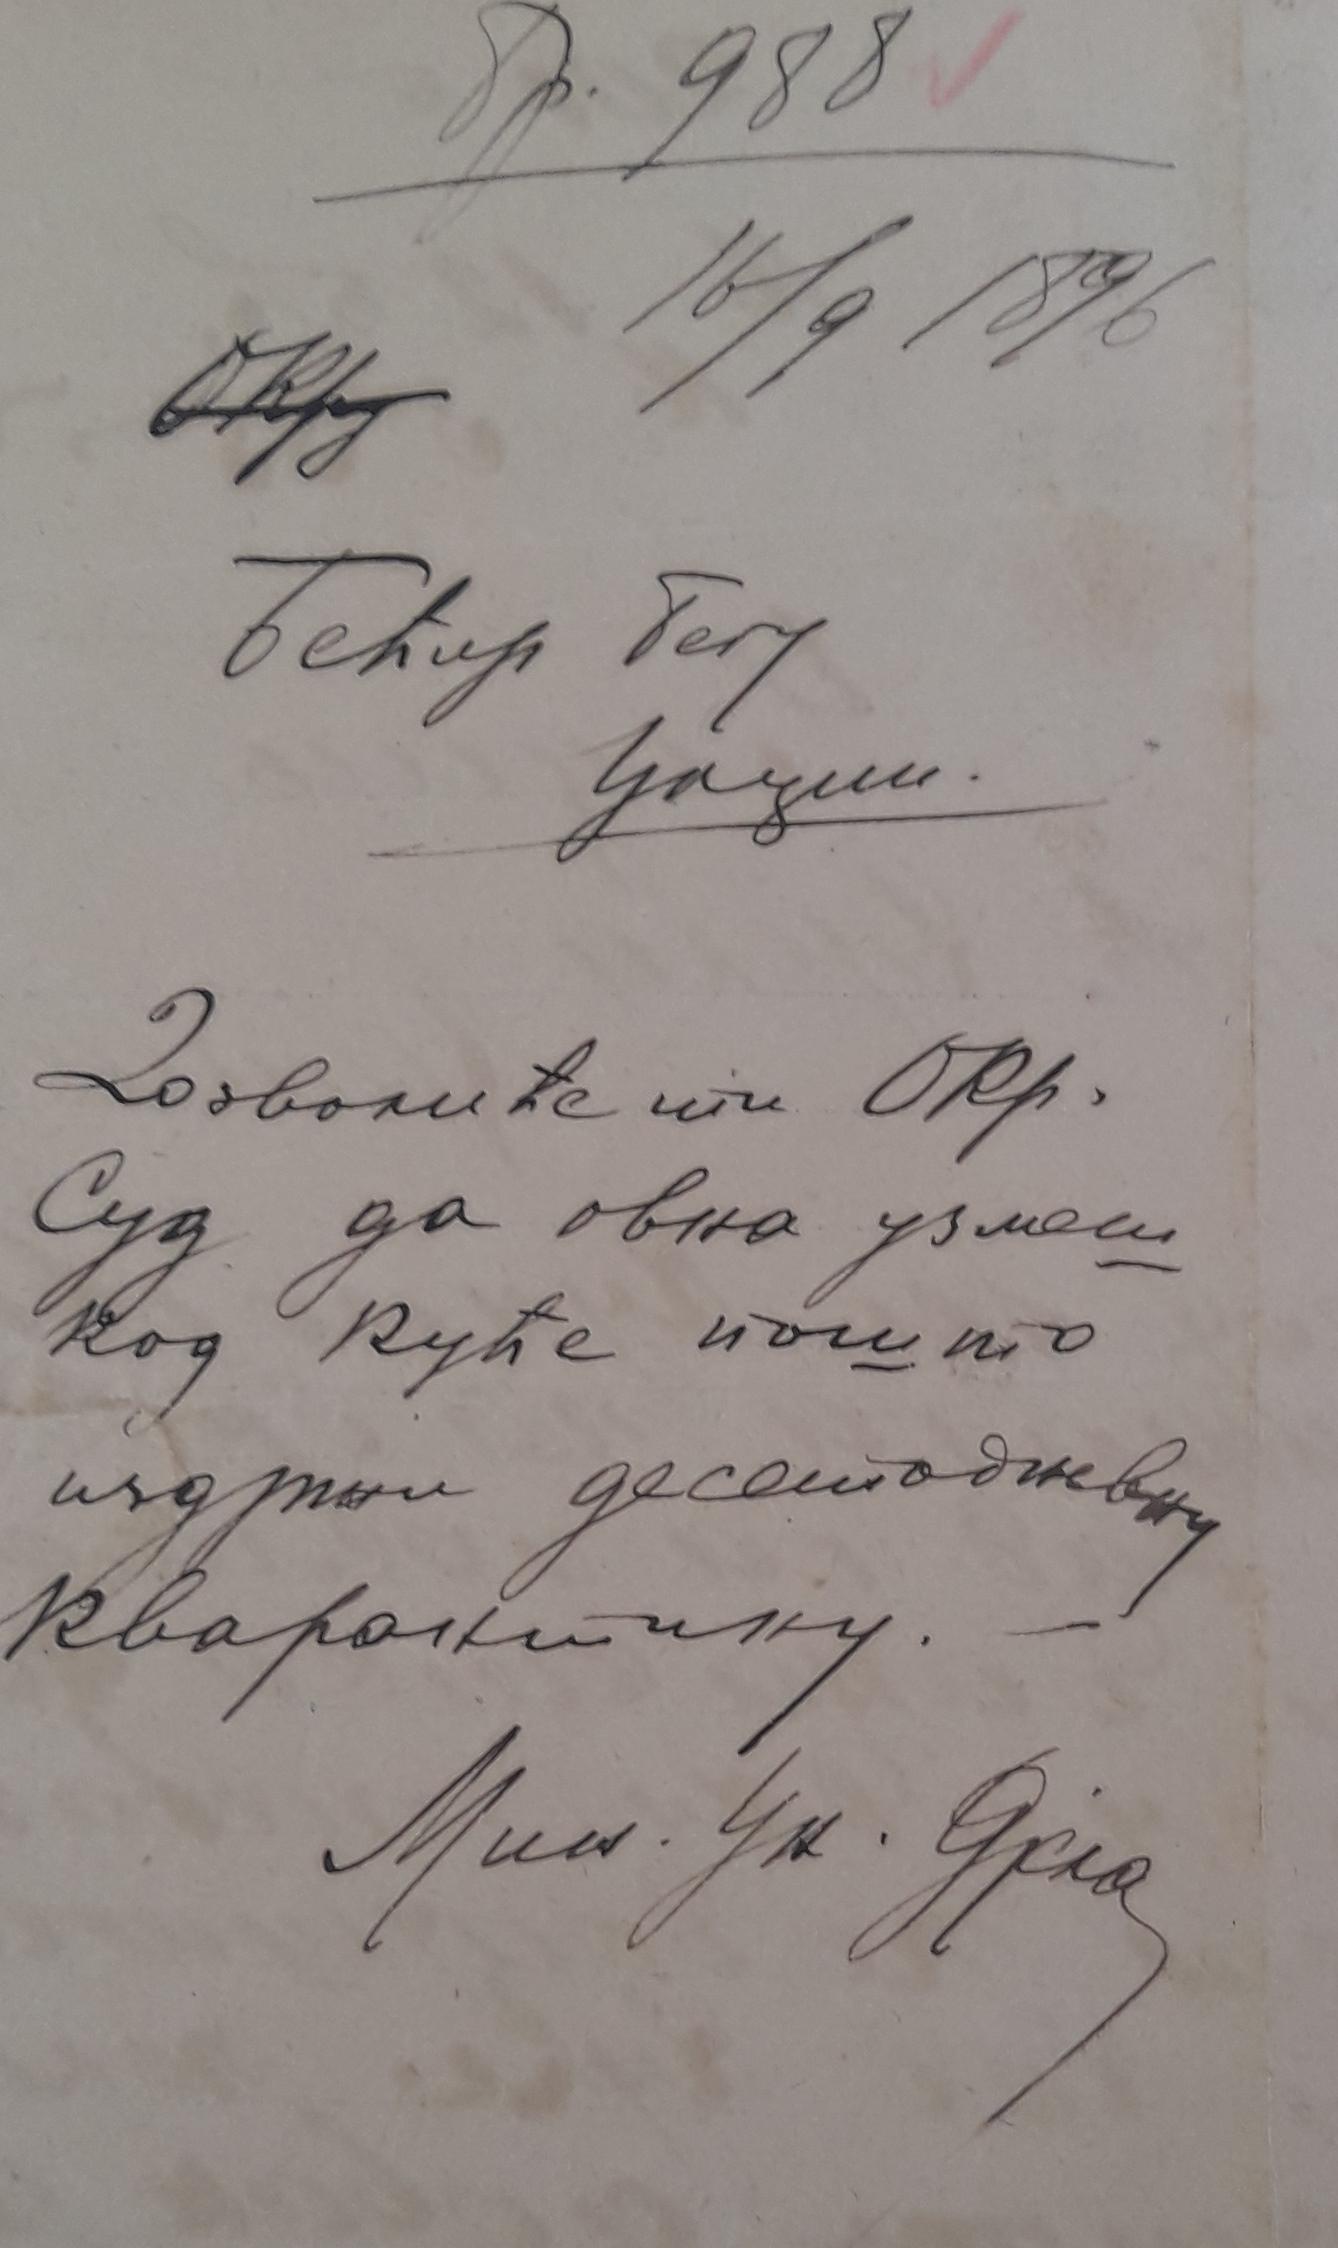 8. Dozvola Bećir begu da preuzme kupljenog ovna, septembar 1896.